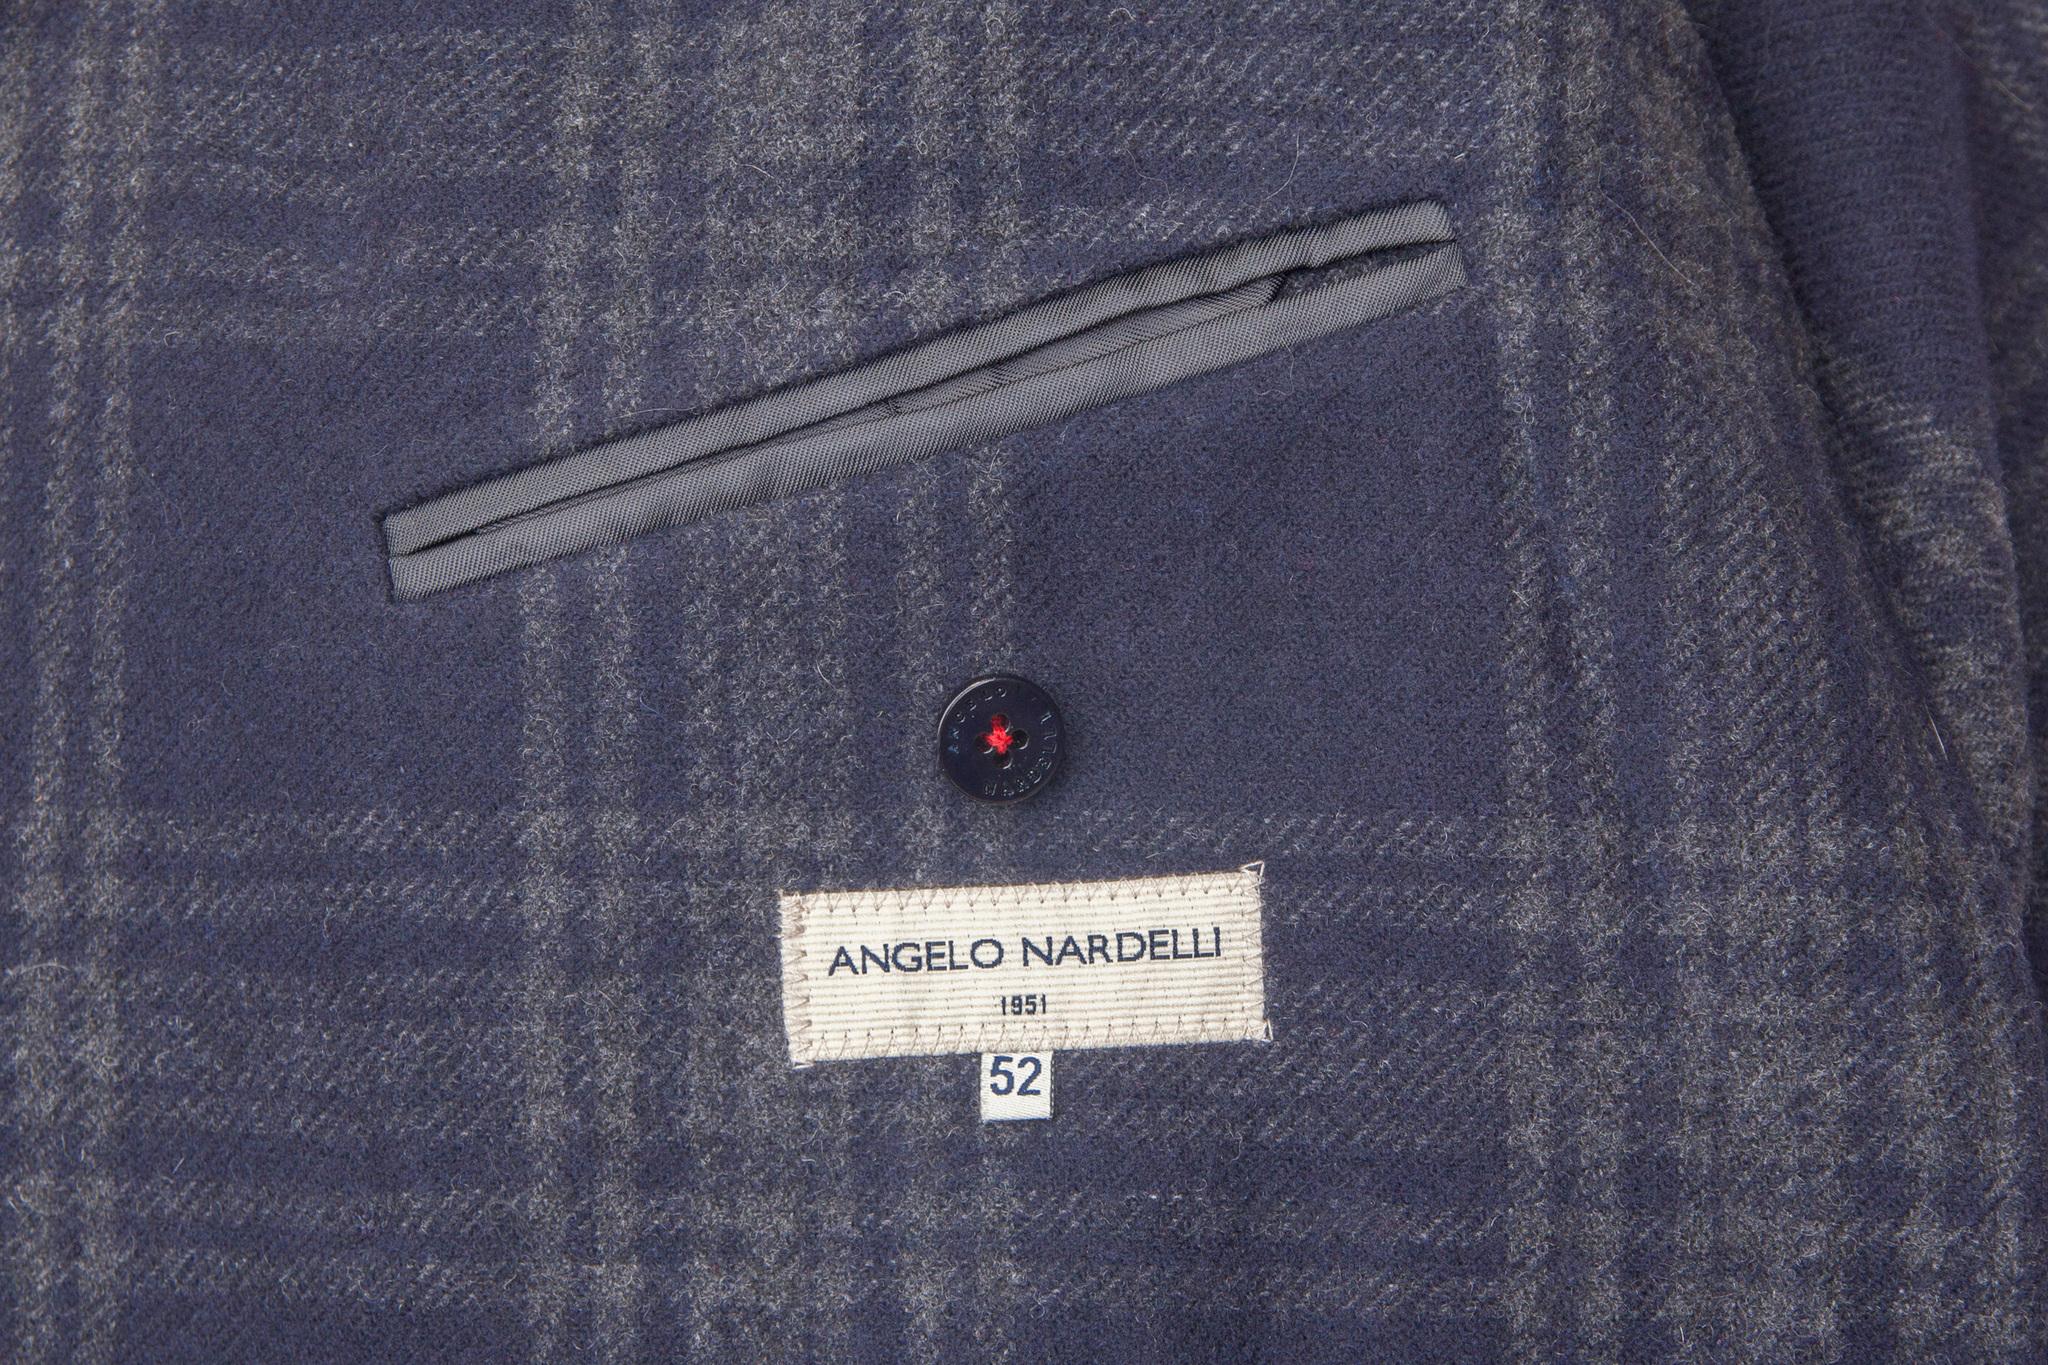 Двубортное зелёное шерстяное пальто, внутренний карман